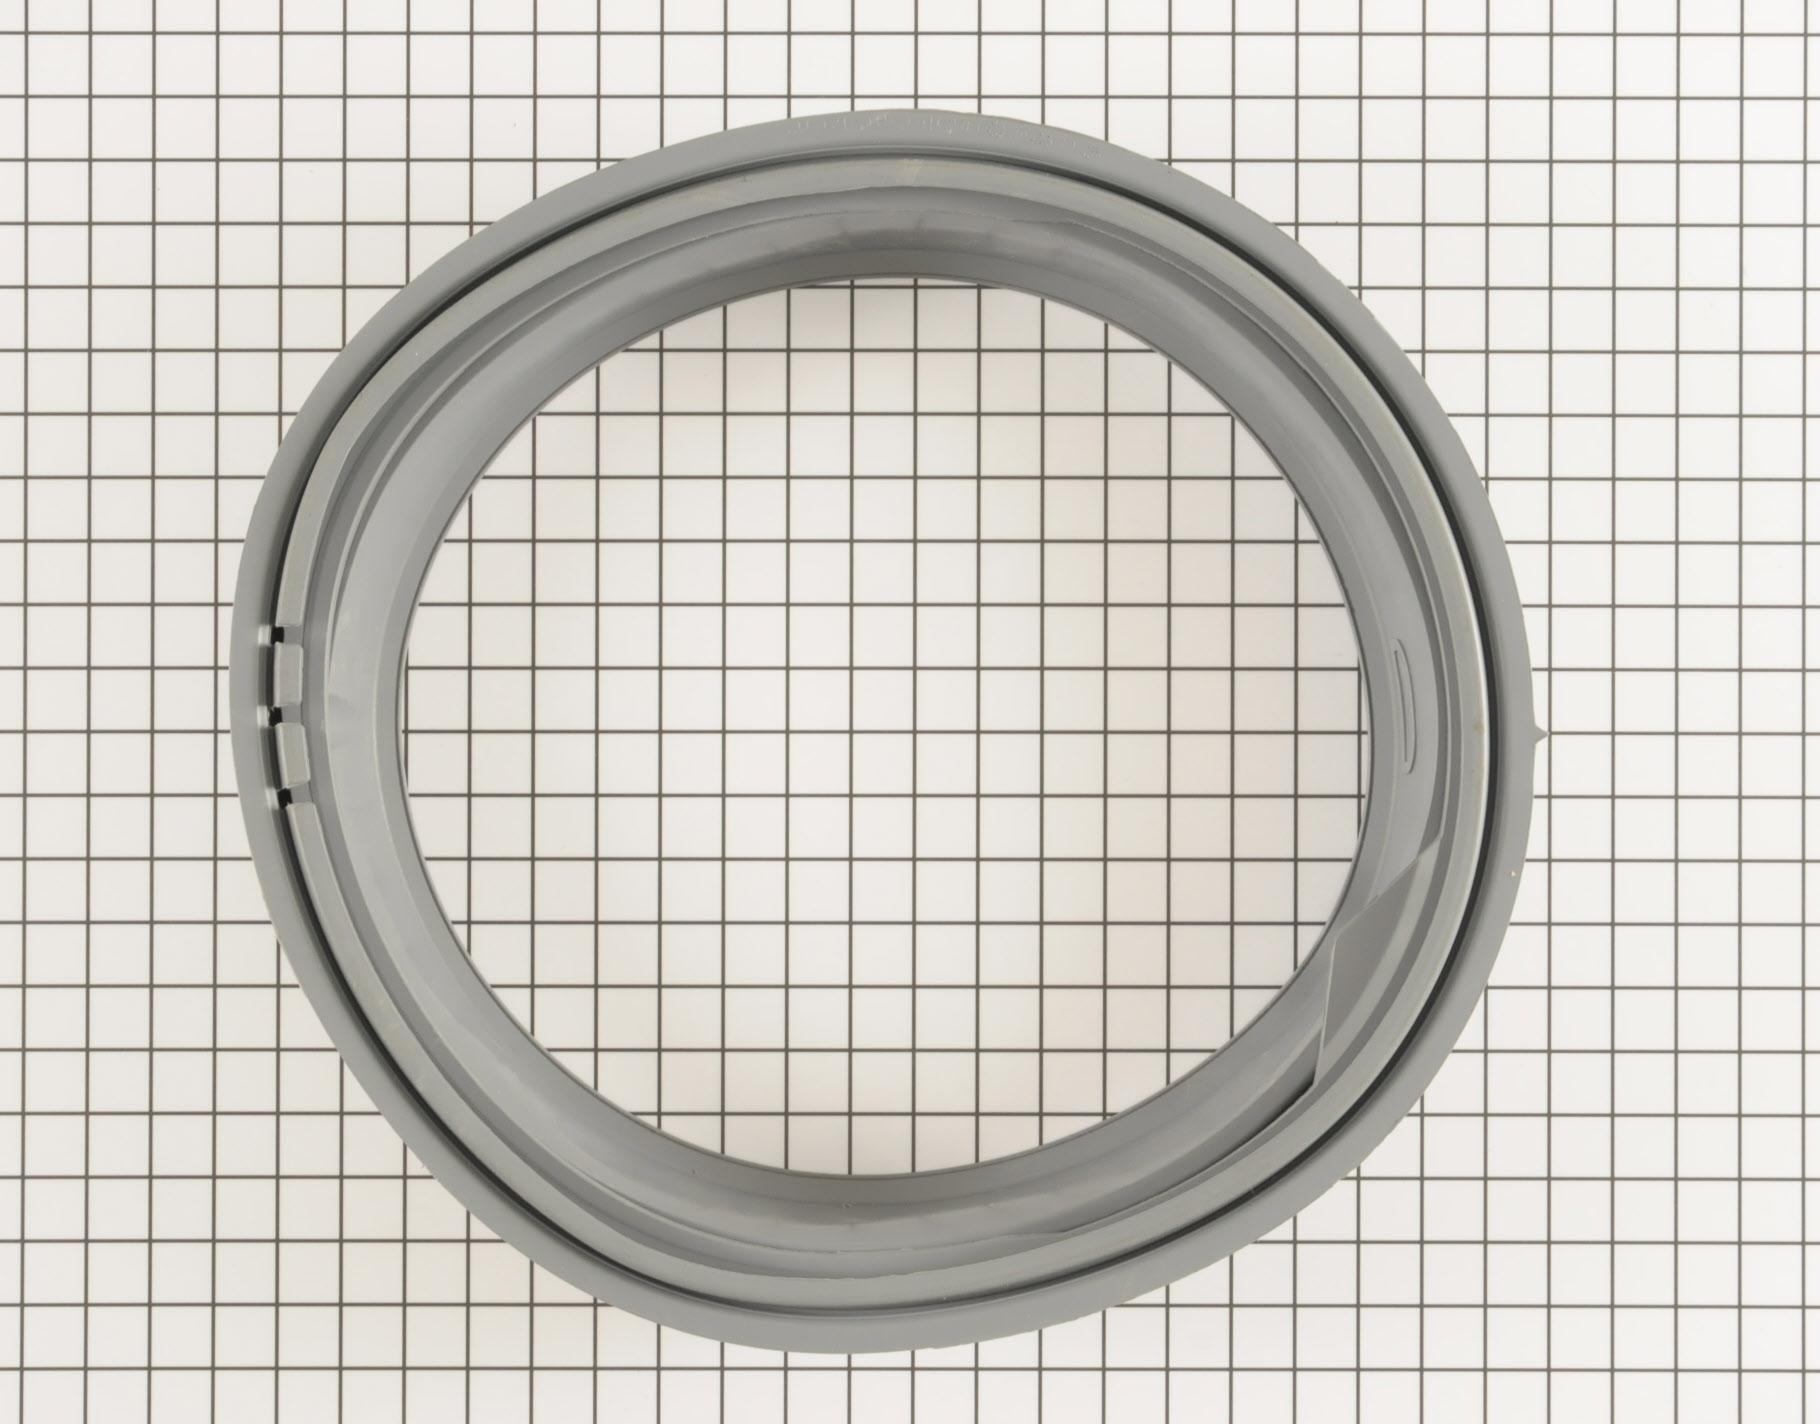 LG Washing Machine Part # 4986ER0001B - Door Boot Seal